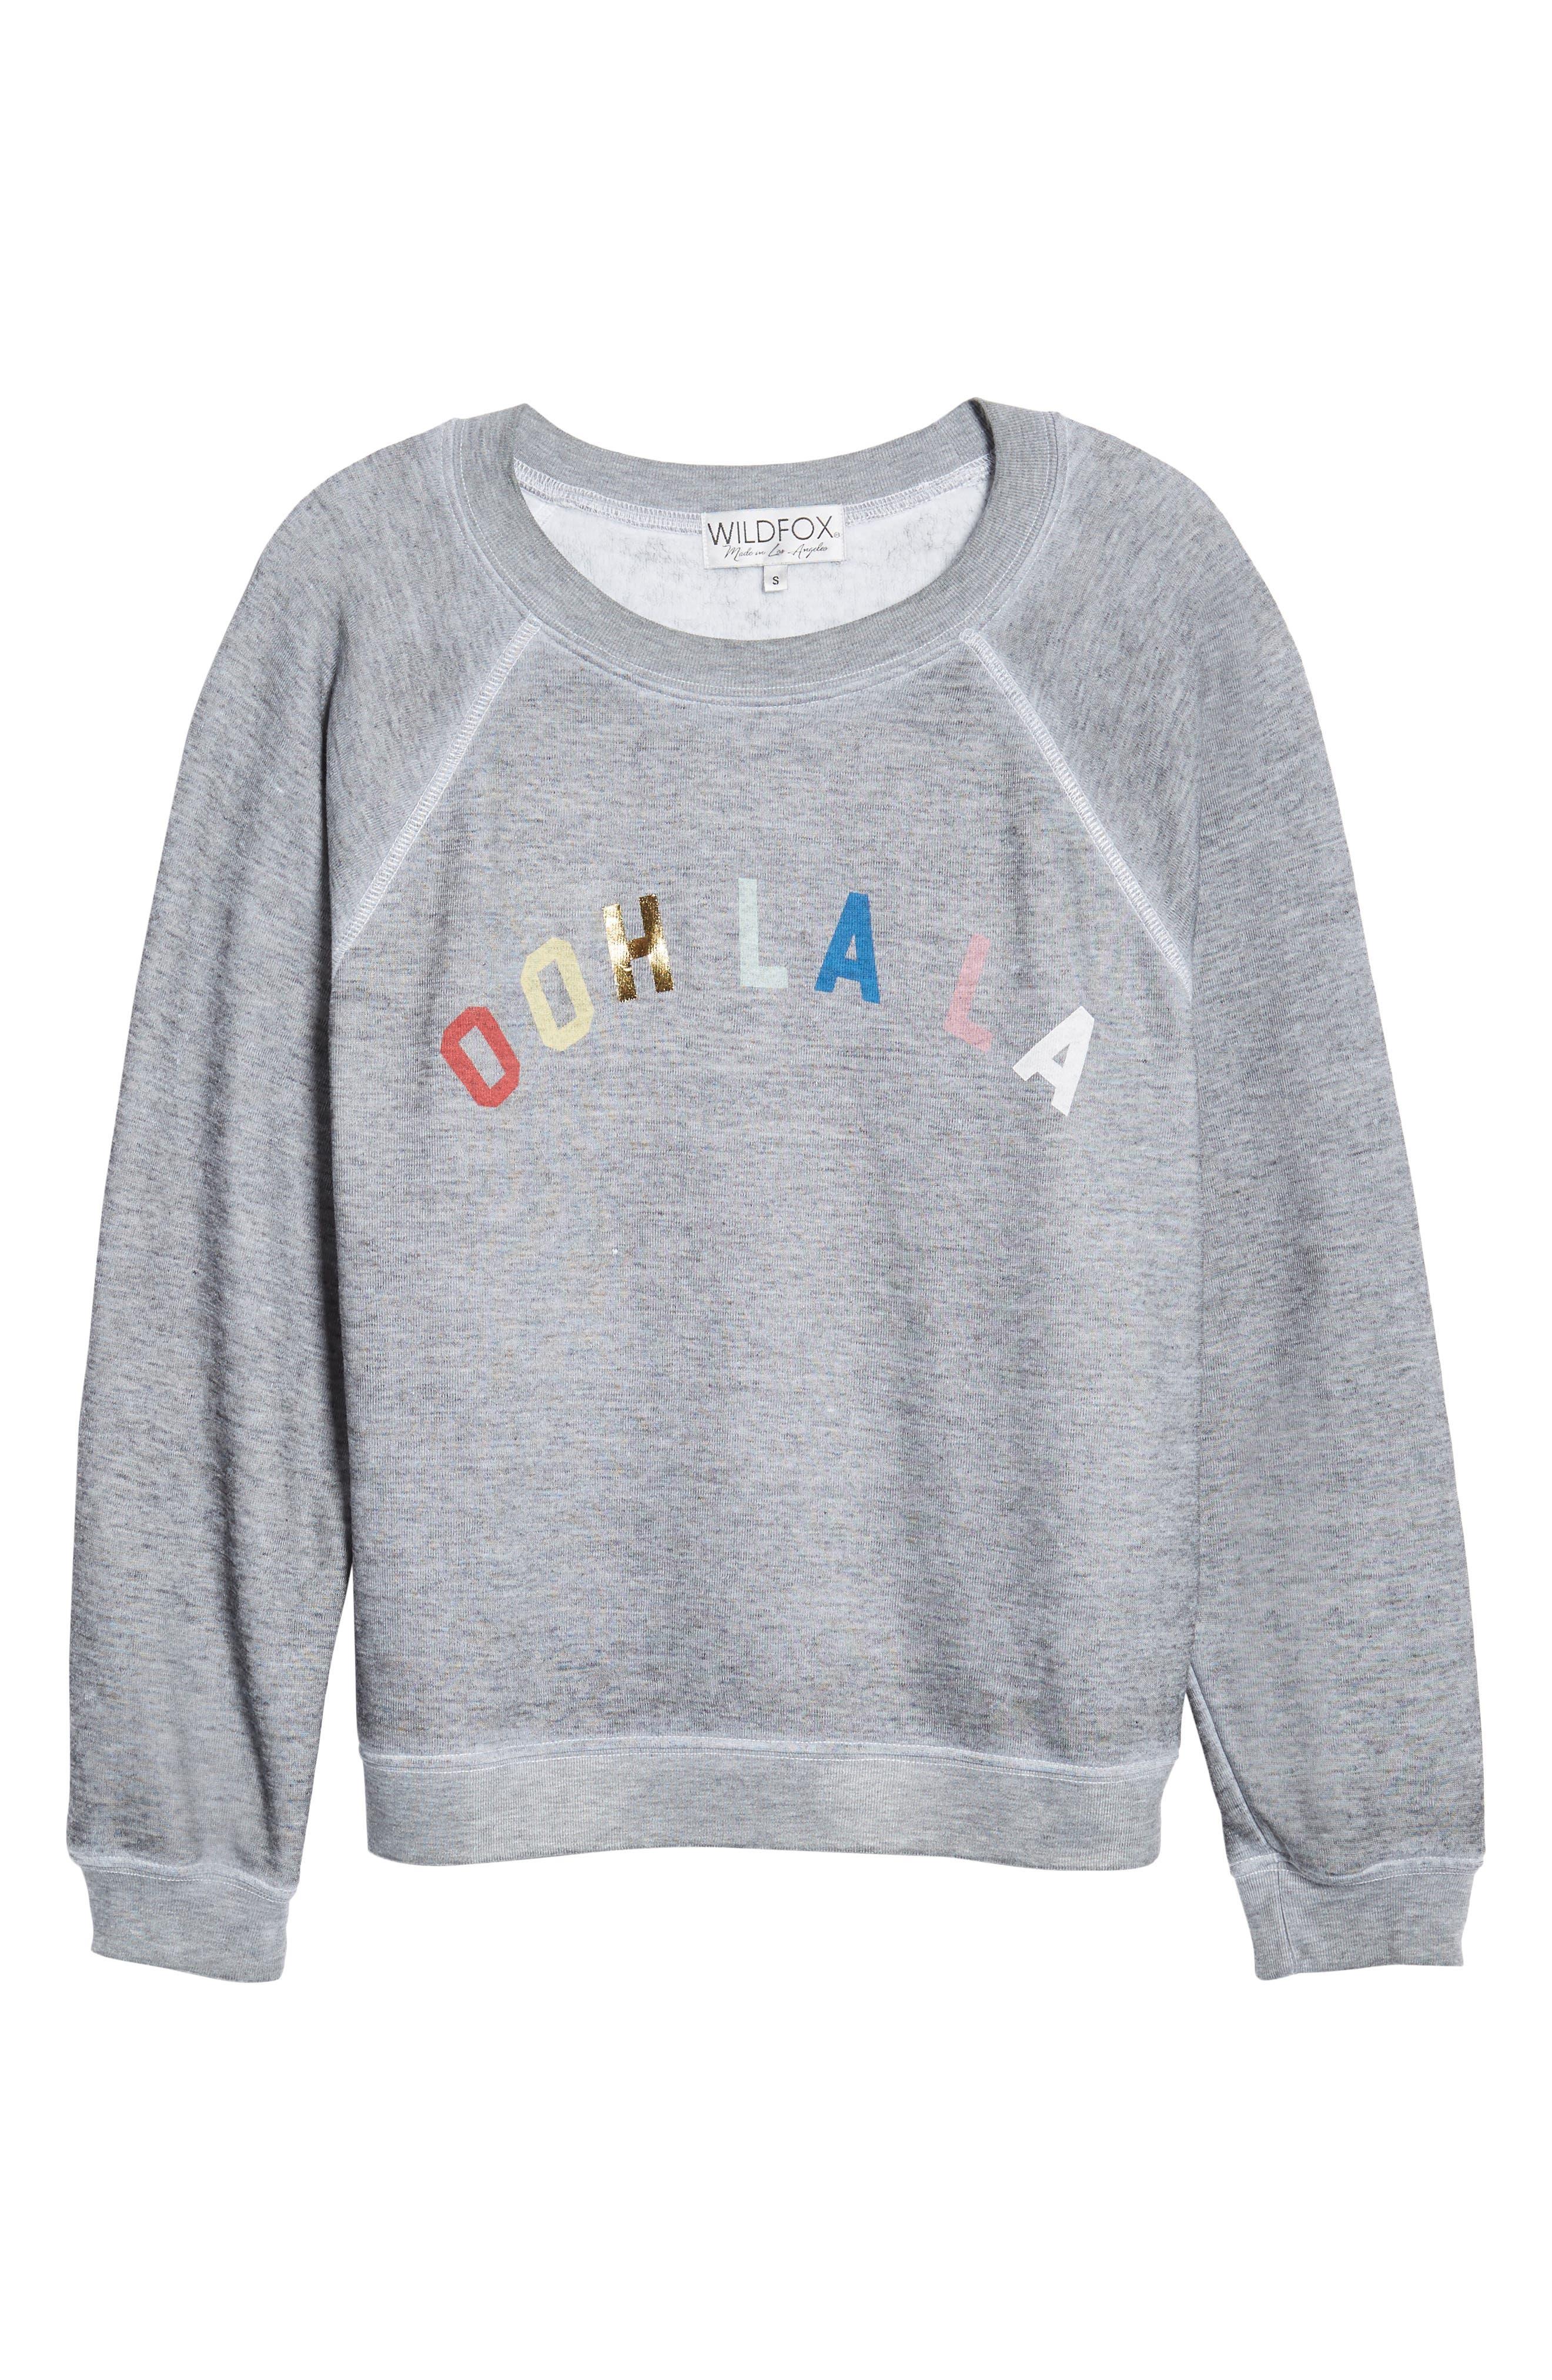 Ooh La La Sweatshirt,                             Alternate thumbnail 6, color,                             020